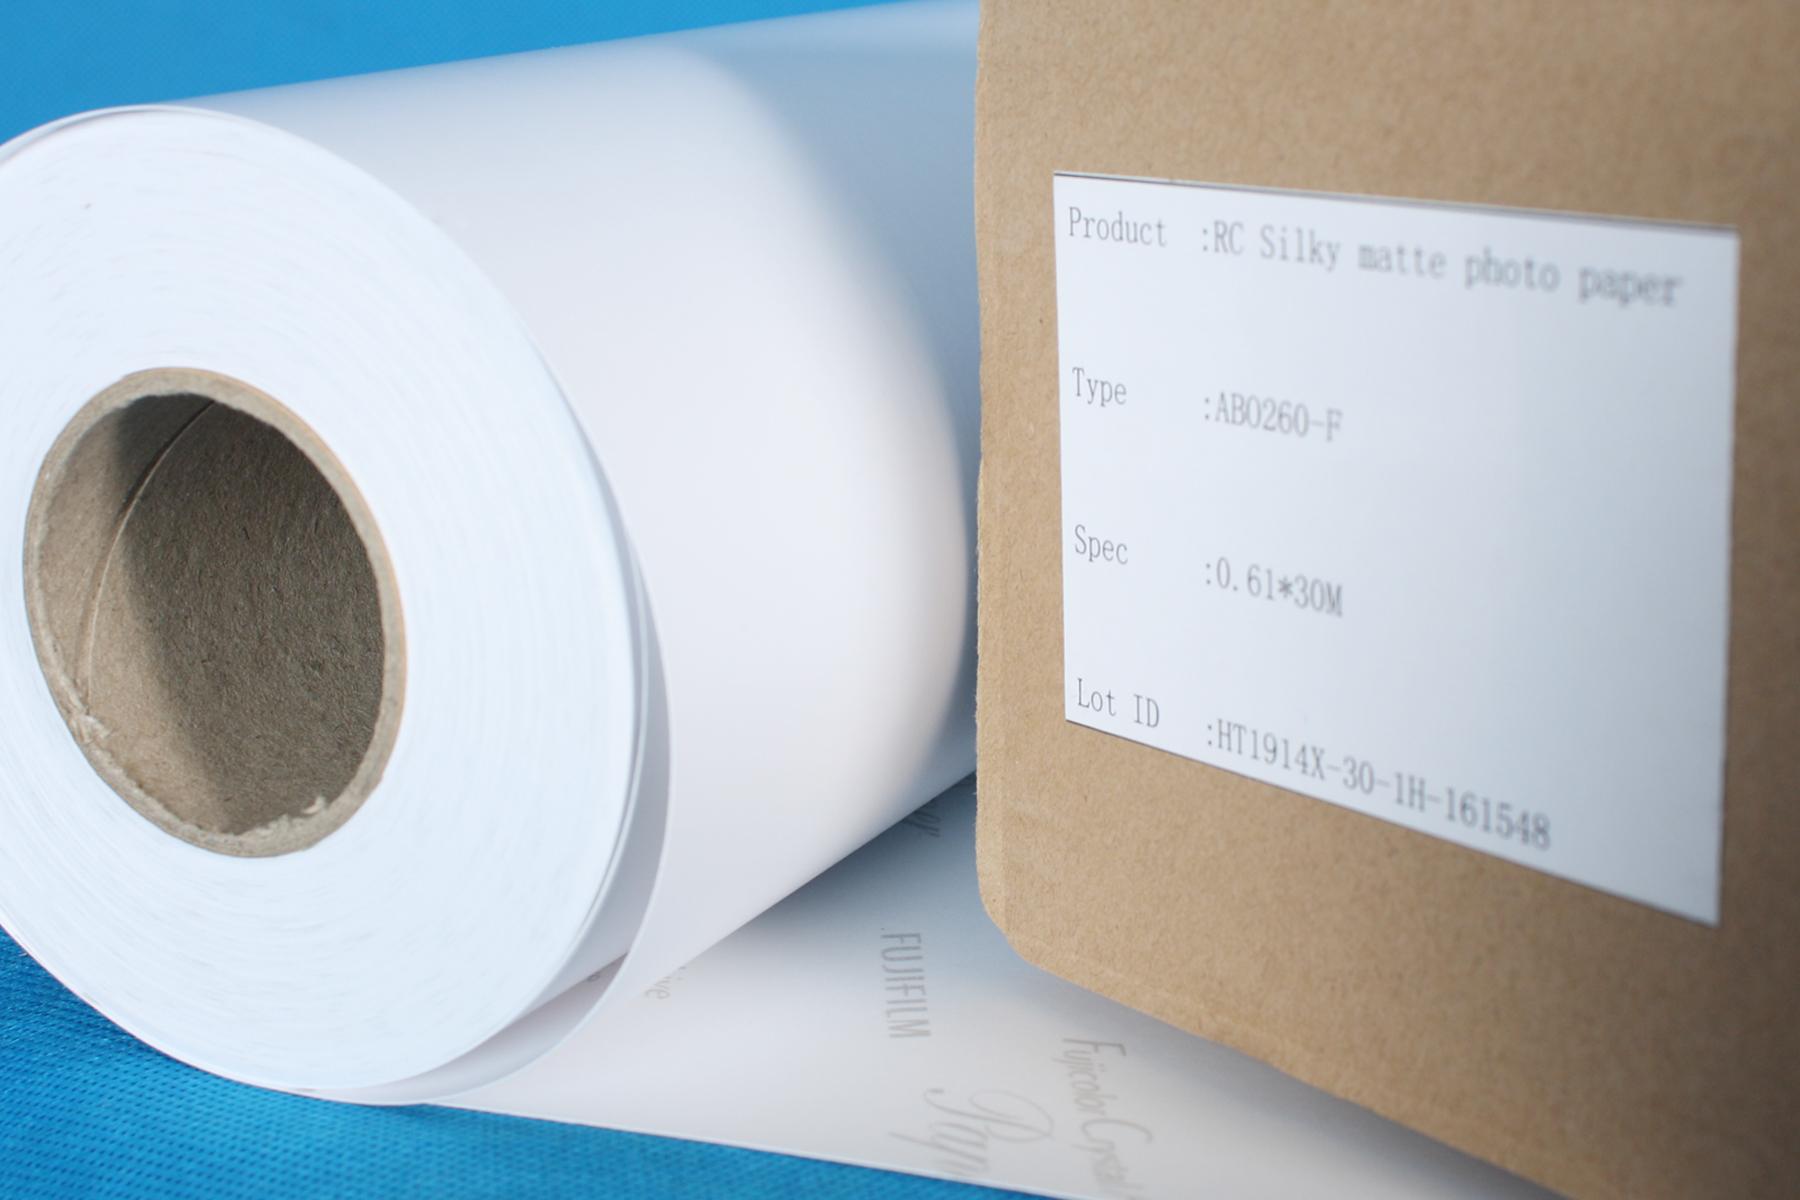 กระดาษโฟโต้ฟูจิ (Fuji) รุ่น Crystal Archive 260g ชนิดผิวด้าน แบบม้วน หน้ากว้าง 12นิ้ว ความยาว 30เมตร